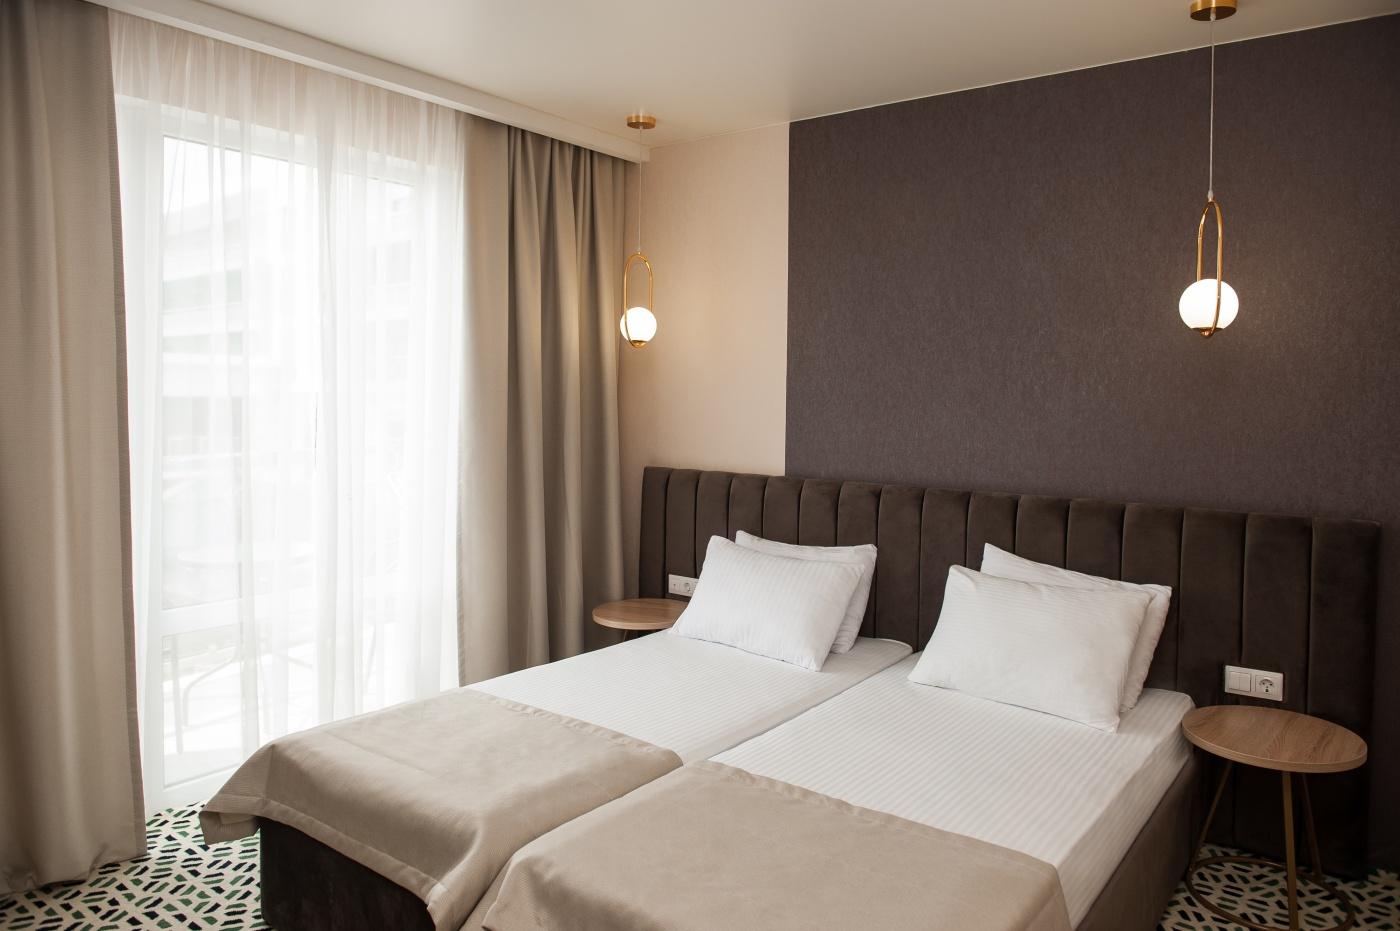 Отель «Aurum Family Resort & Spa» Краснодарский край Apartments 2-местный 3-комнатный, фото 11